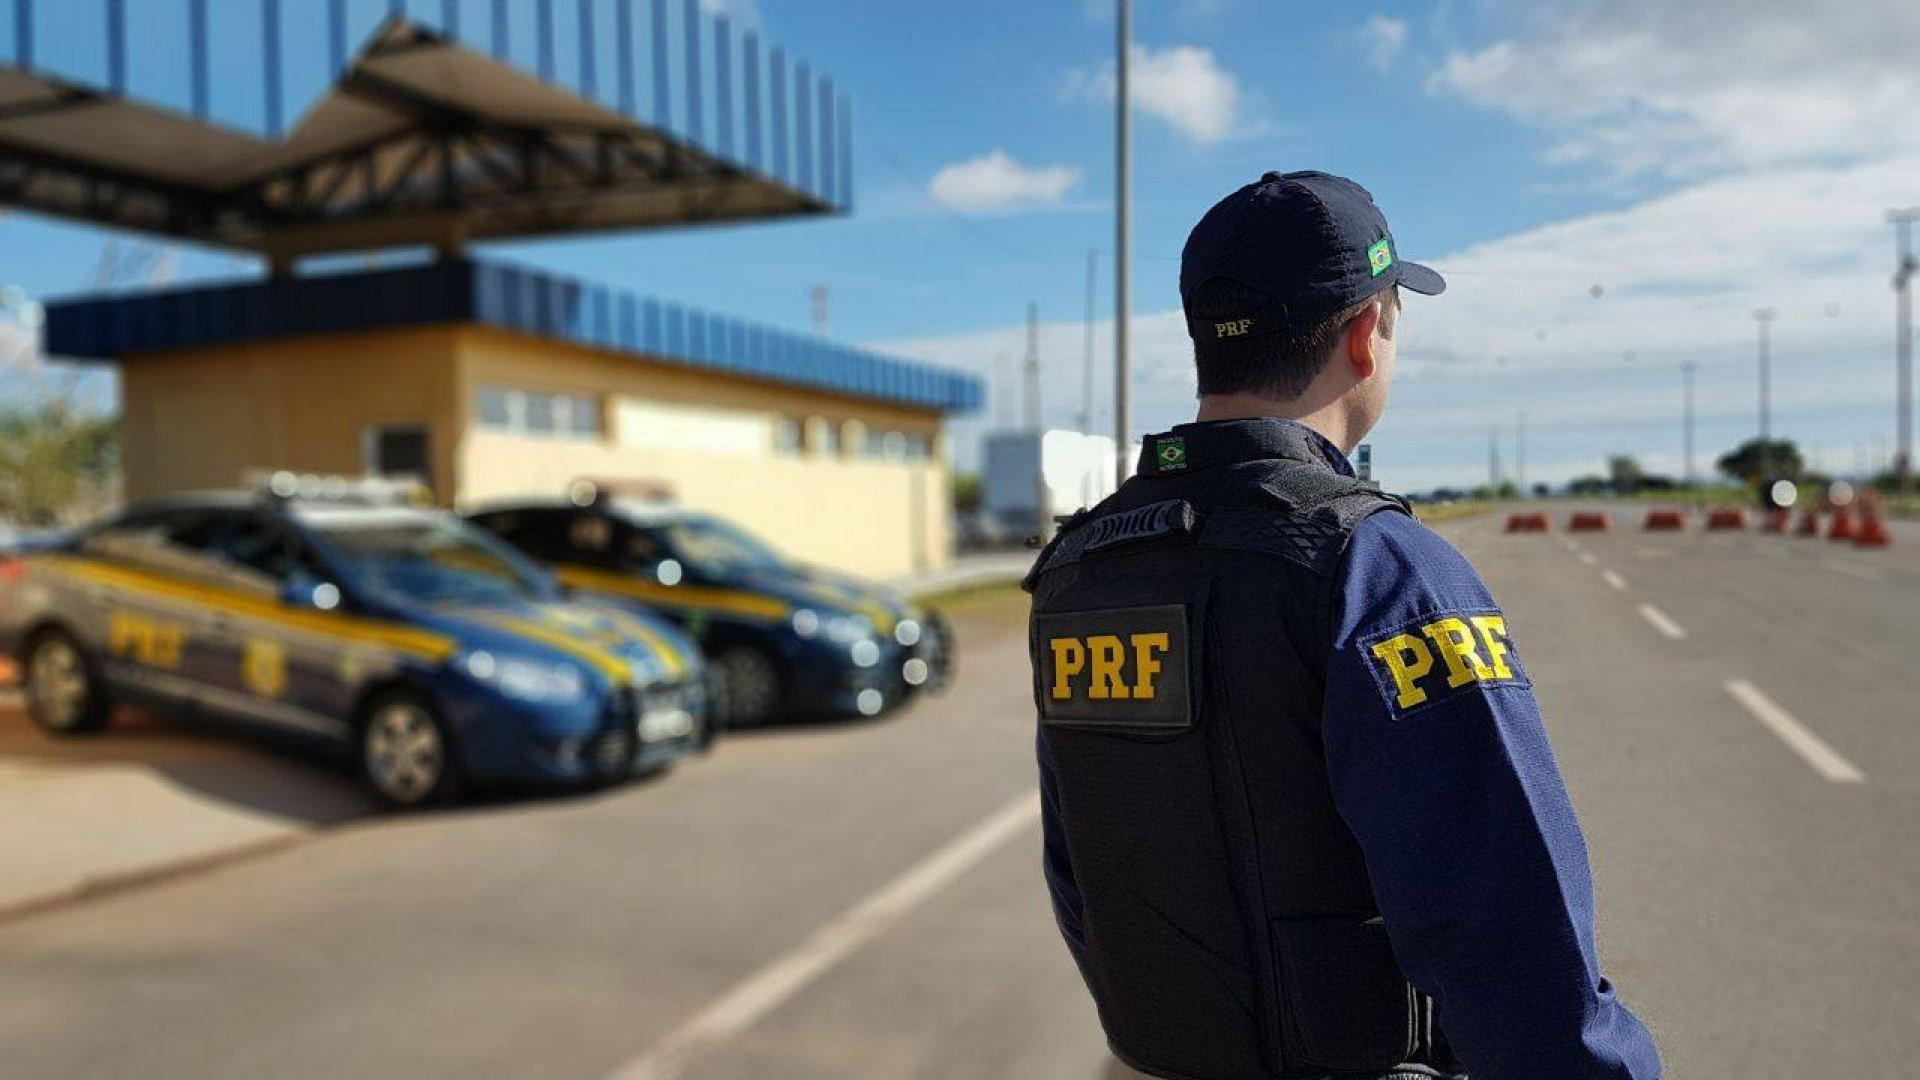 PRF apreendeu, até agora, R$ 4,5 bilhões de criminosos